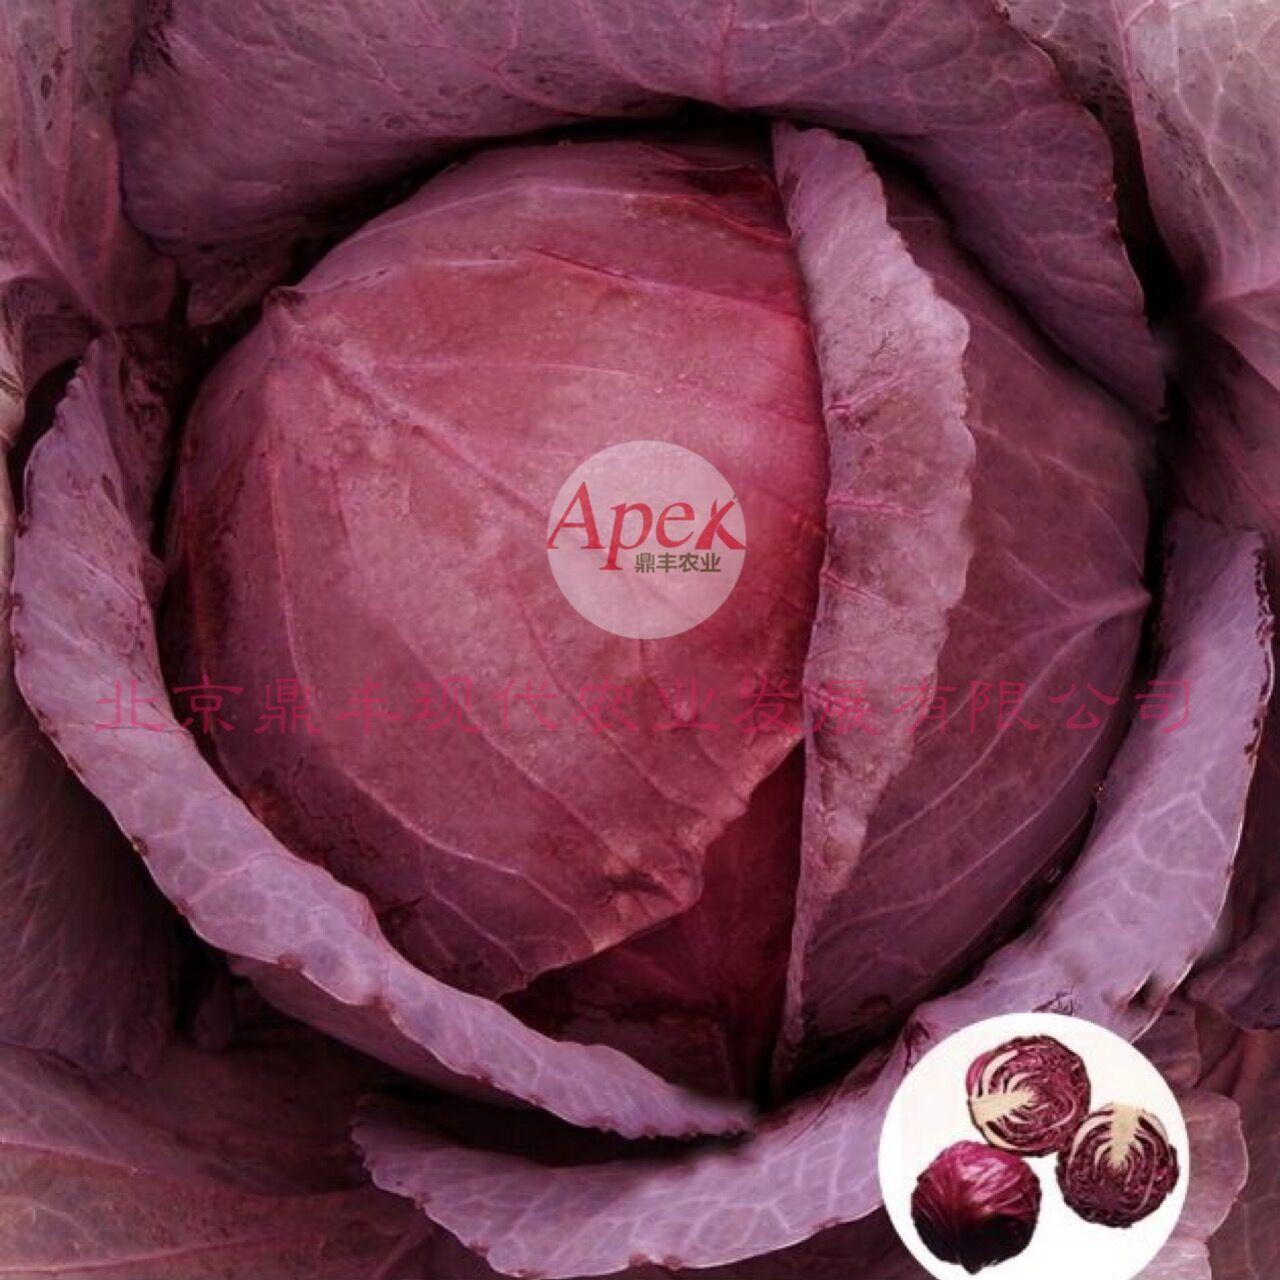 紅王朝 ——紫甘藍千亿国际登录